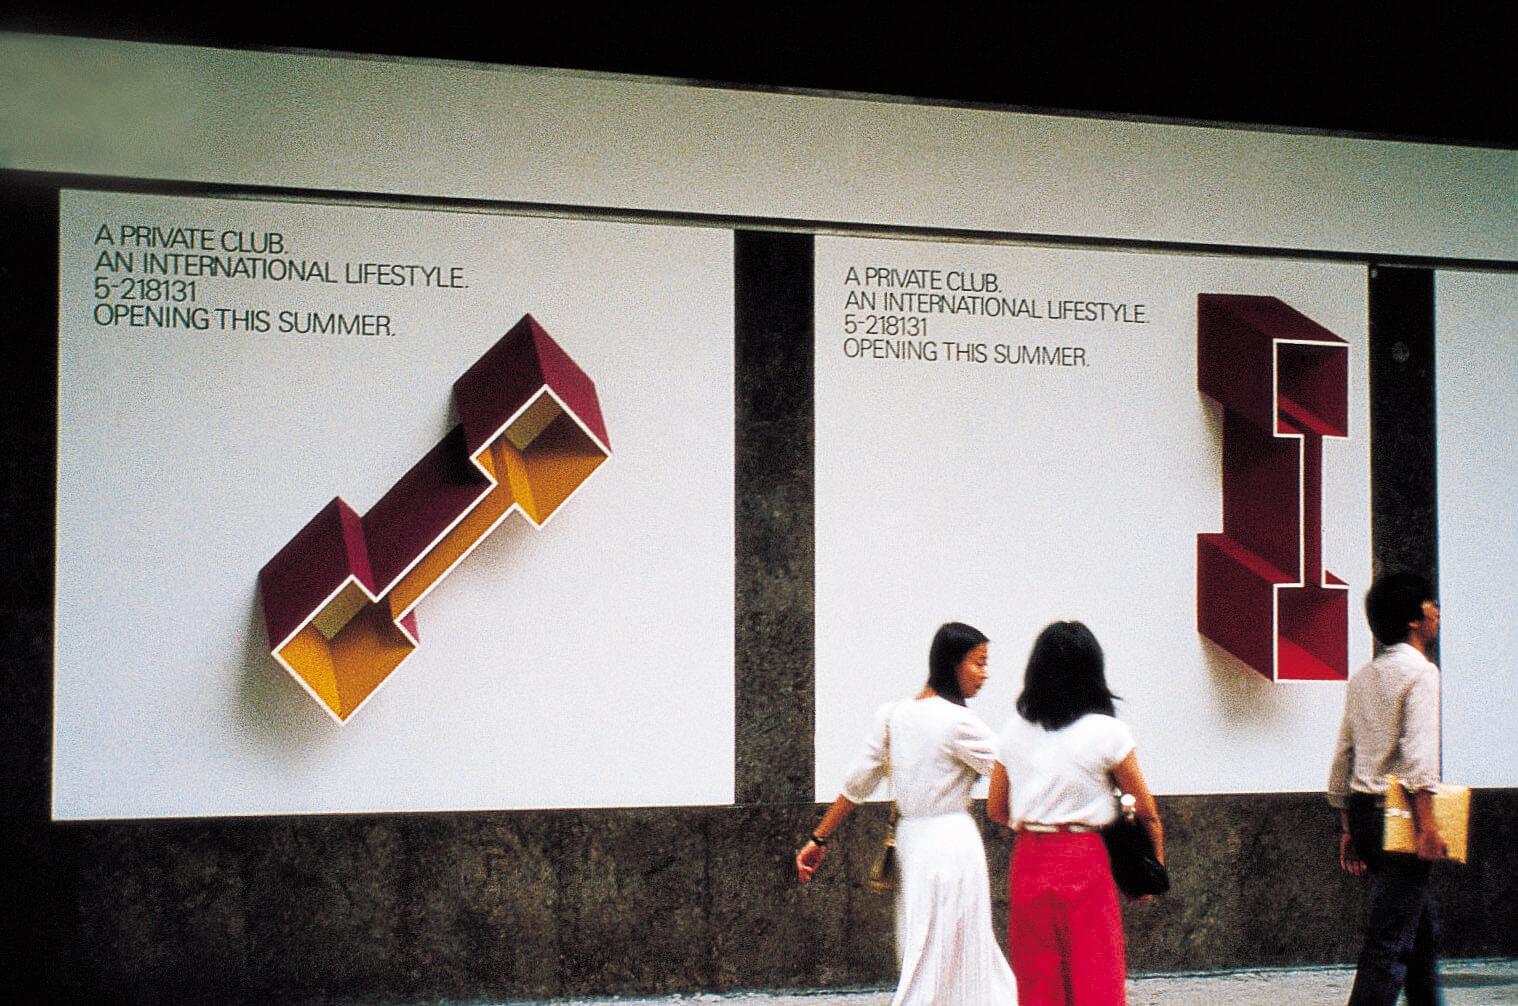 他為私人會所 iClub 設計了多個不同的英文字母I,每月在報紙和海報上以不同形象。